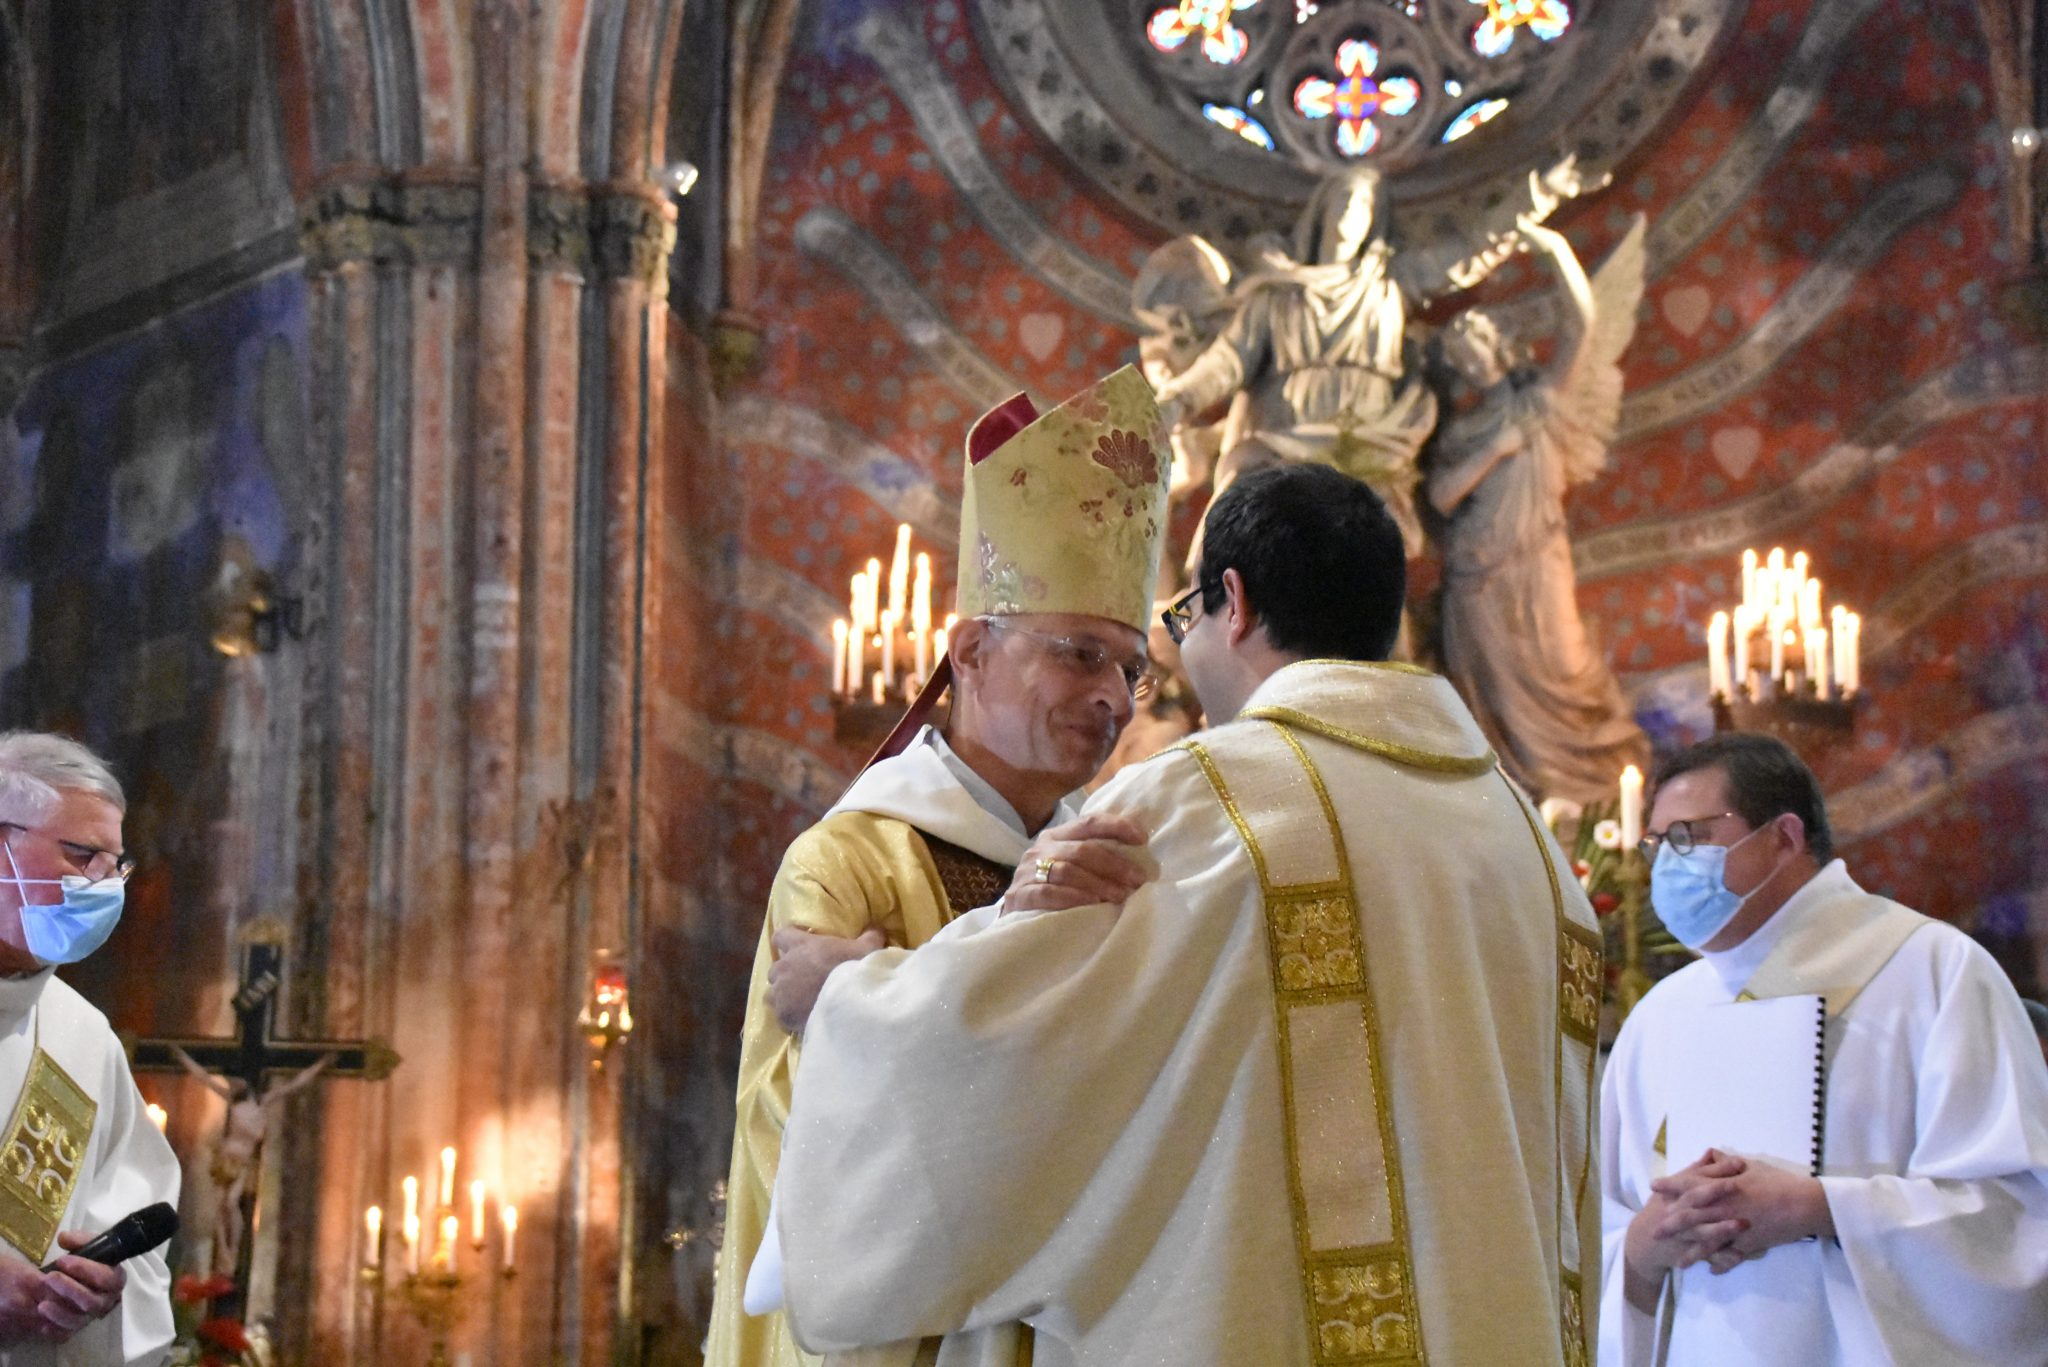 évêque diacre sourire